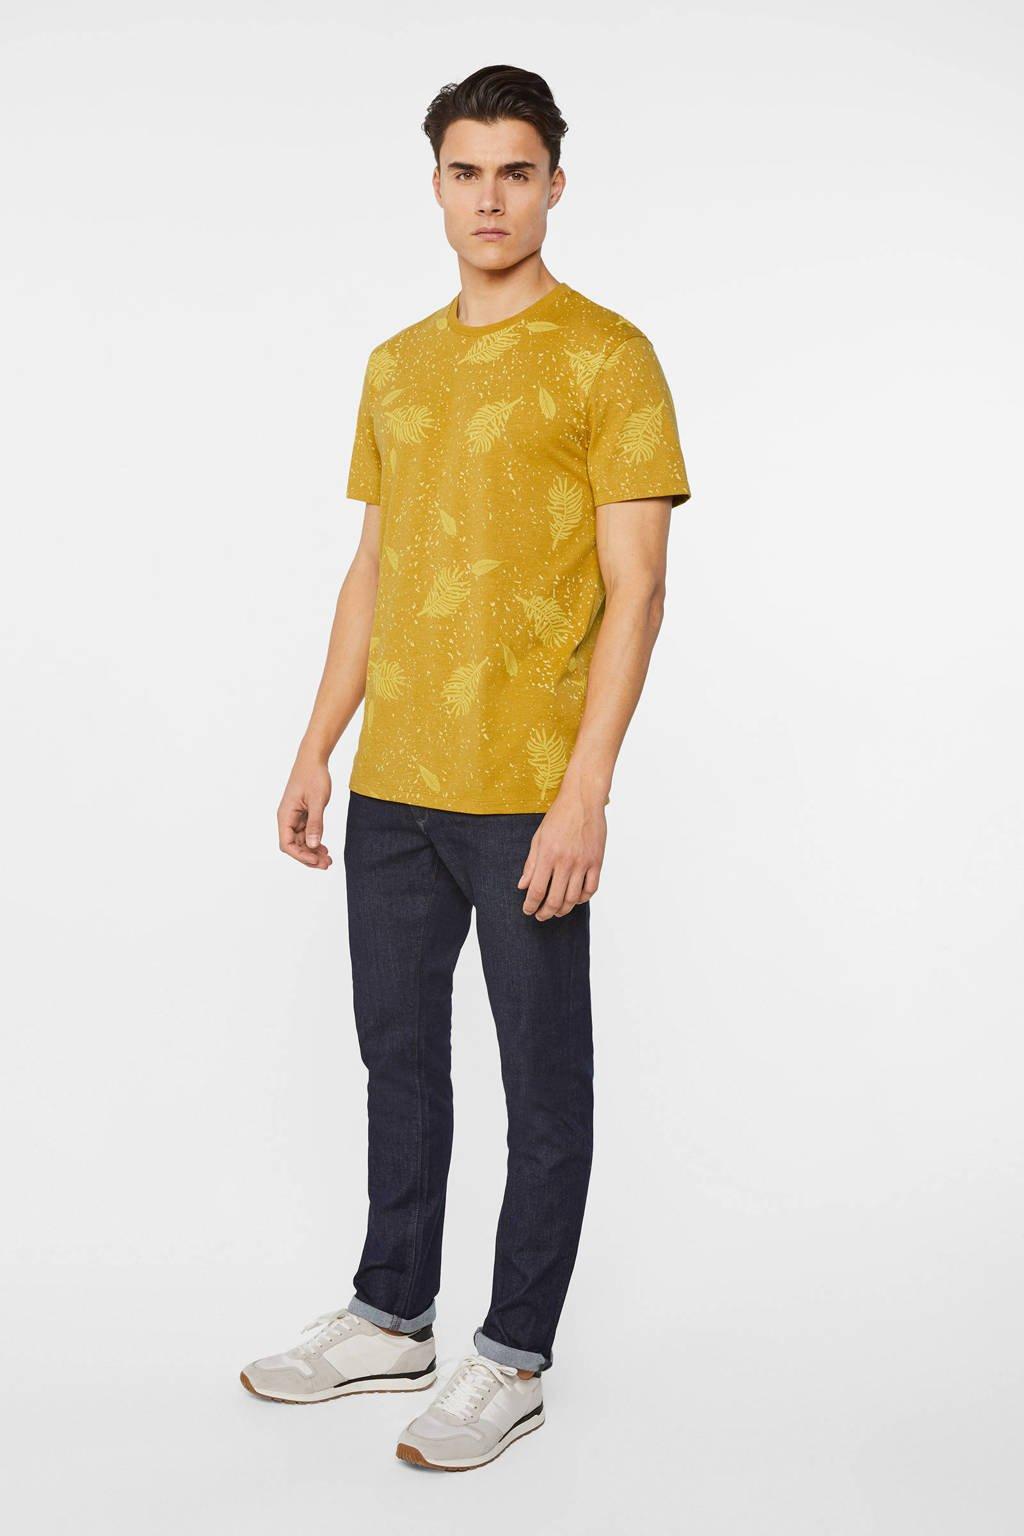 WE Fashion T-shirt honey mustard, Honey Mustard